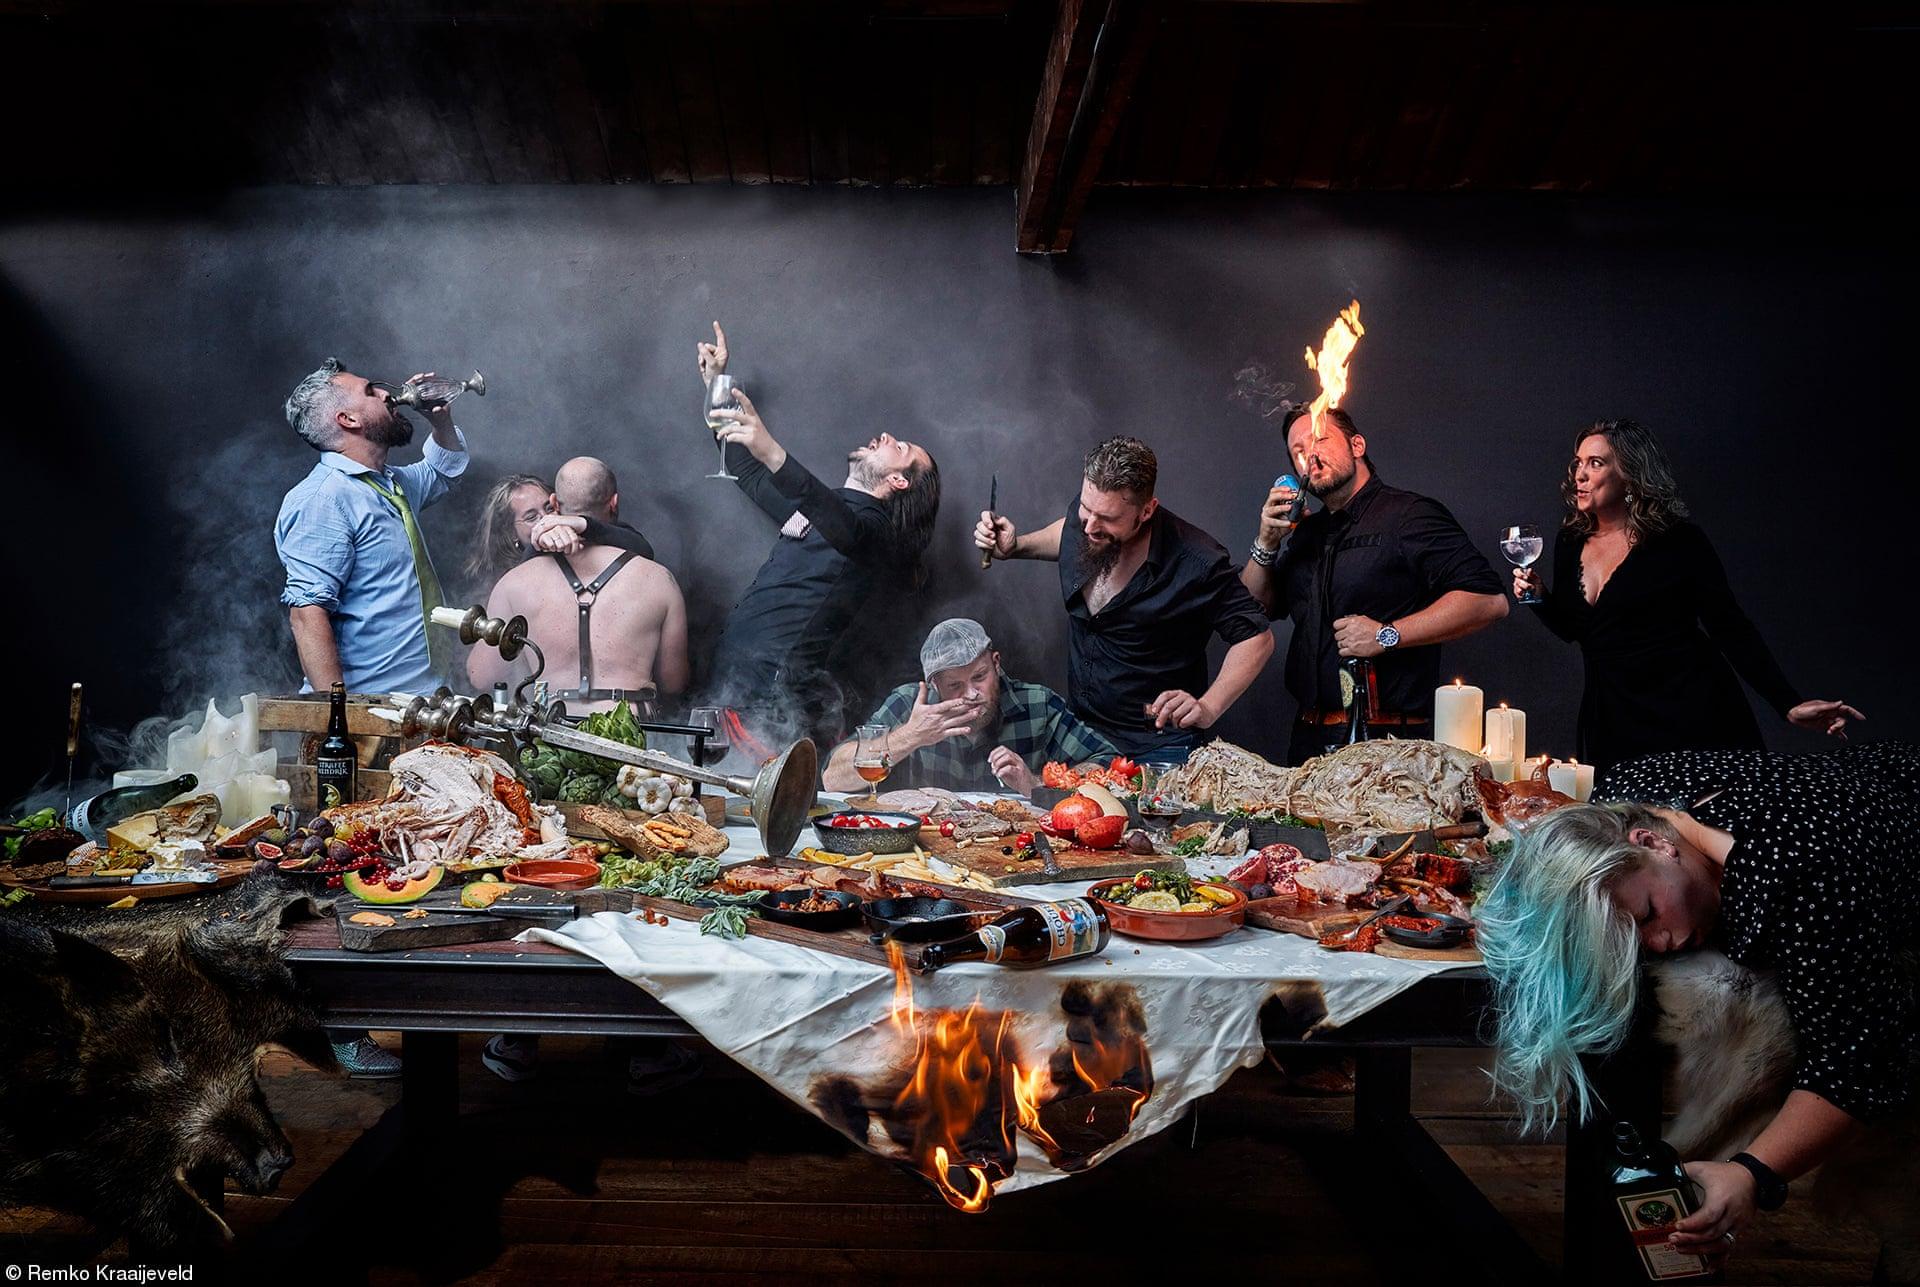 «Προδημοσίευση του Παραδείσου: Μετά το Πάρτι», του Ρέμκο Κράιεφελντ, Ολλανδία. Το φαγητό είναι η χαρά της ζωής. Η φωτογραφία του Κράιεφελντ έγινε με μια λήψη χωρίς photoshop